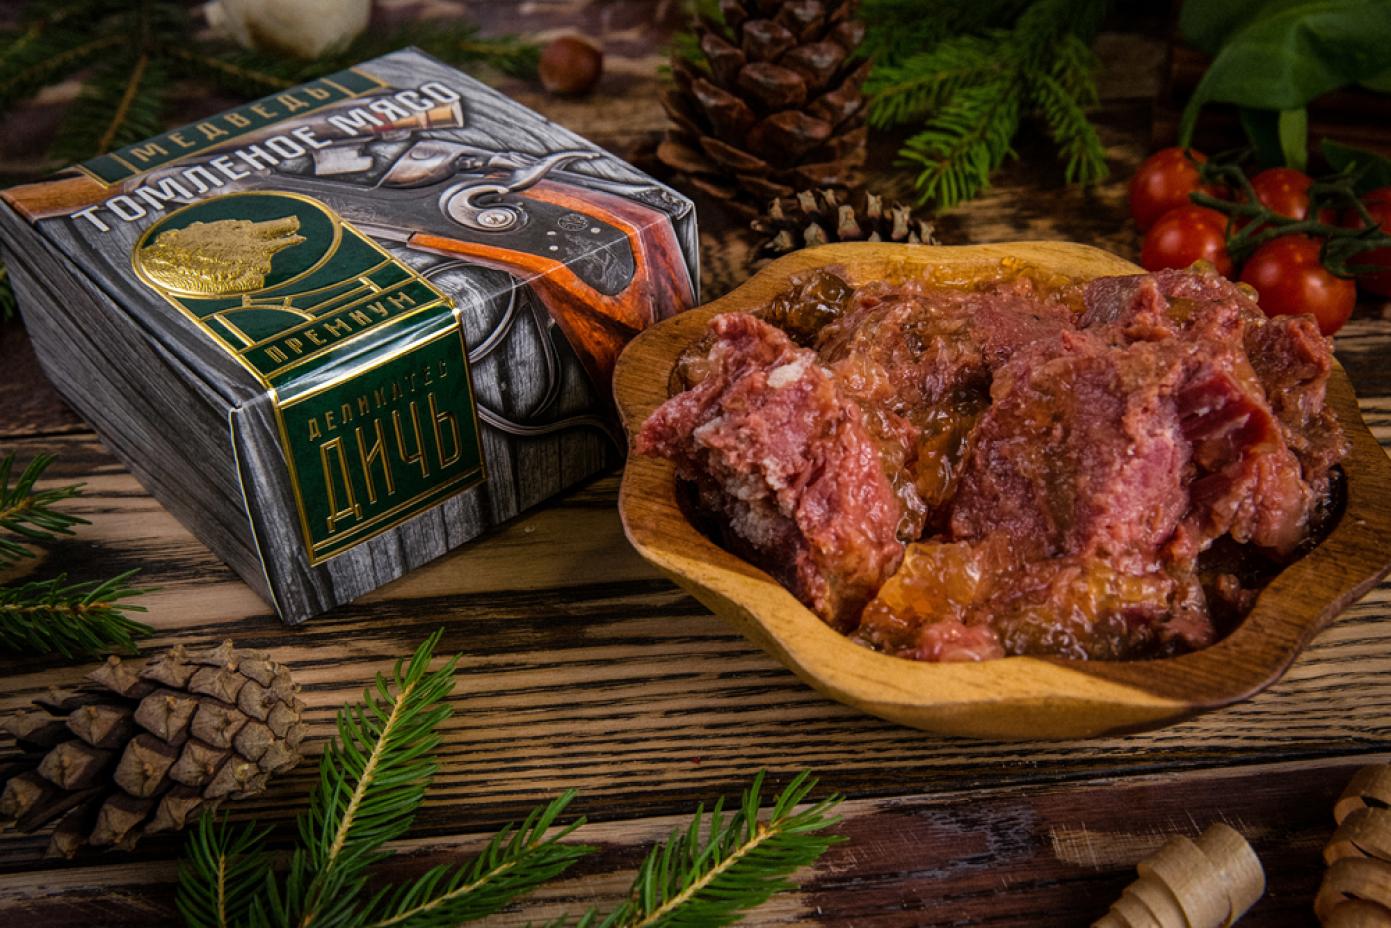 Томленое мясо Медведя в подарочной упаковке премиум